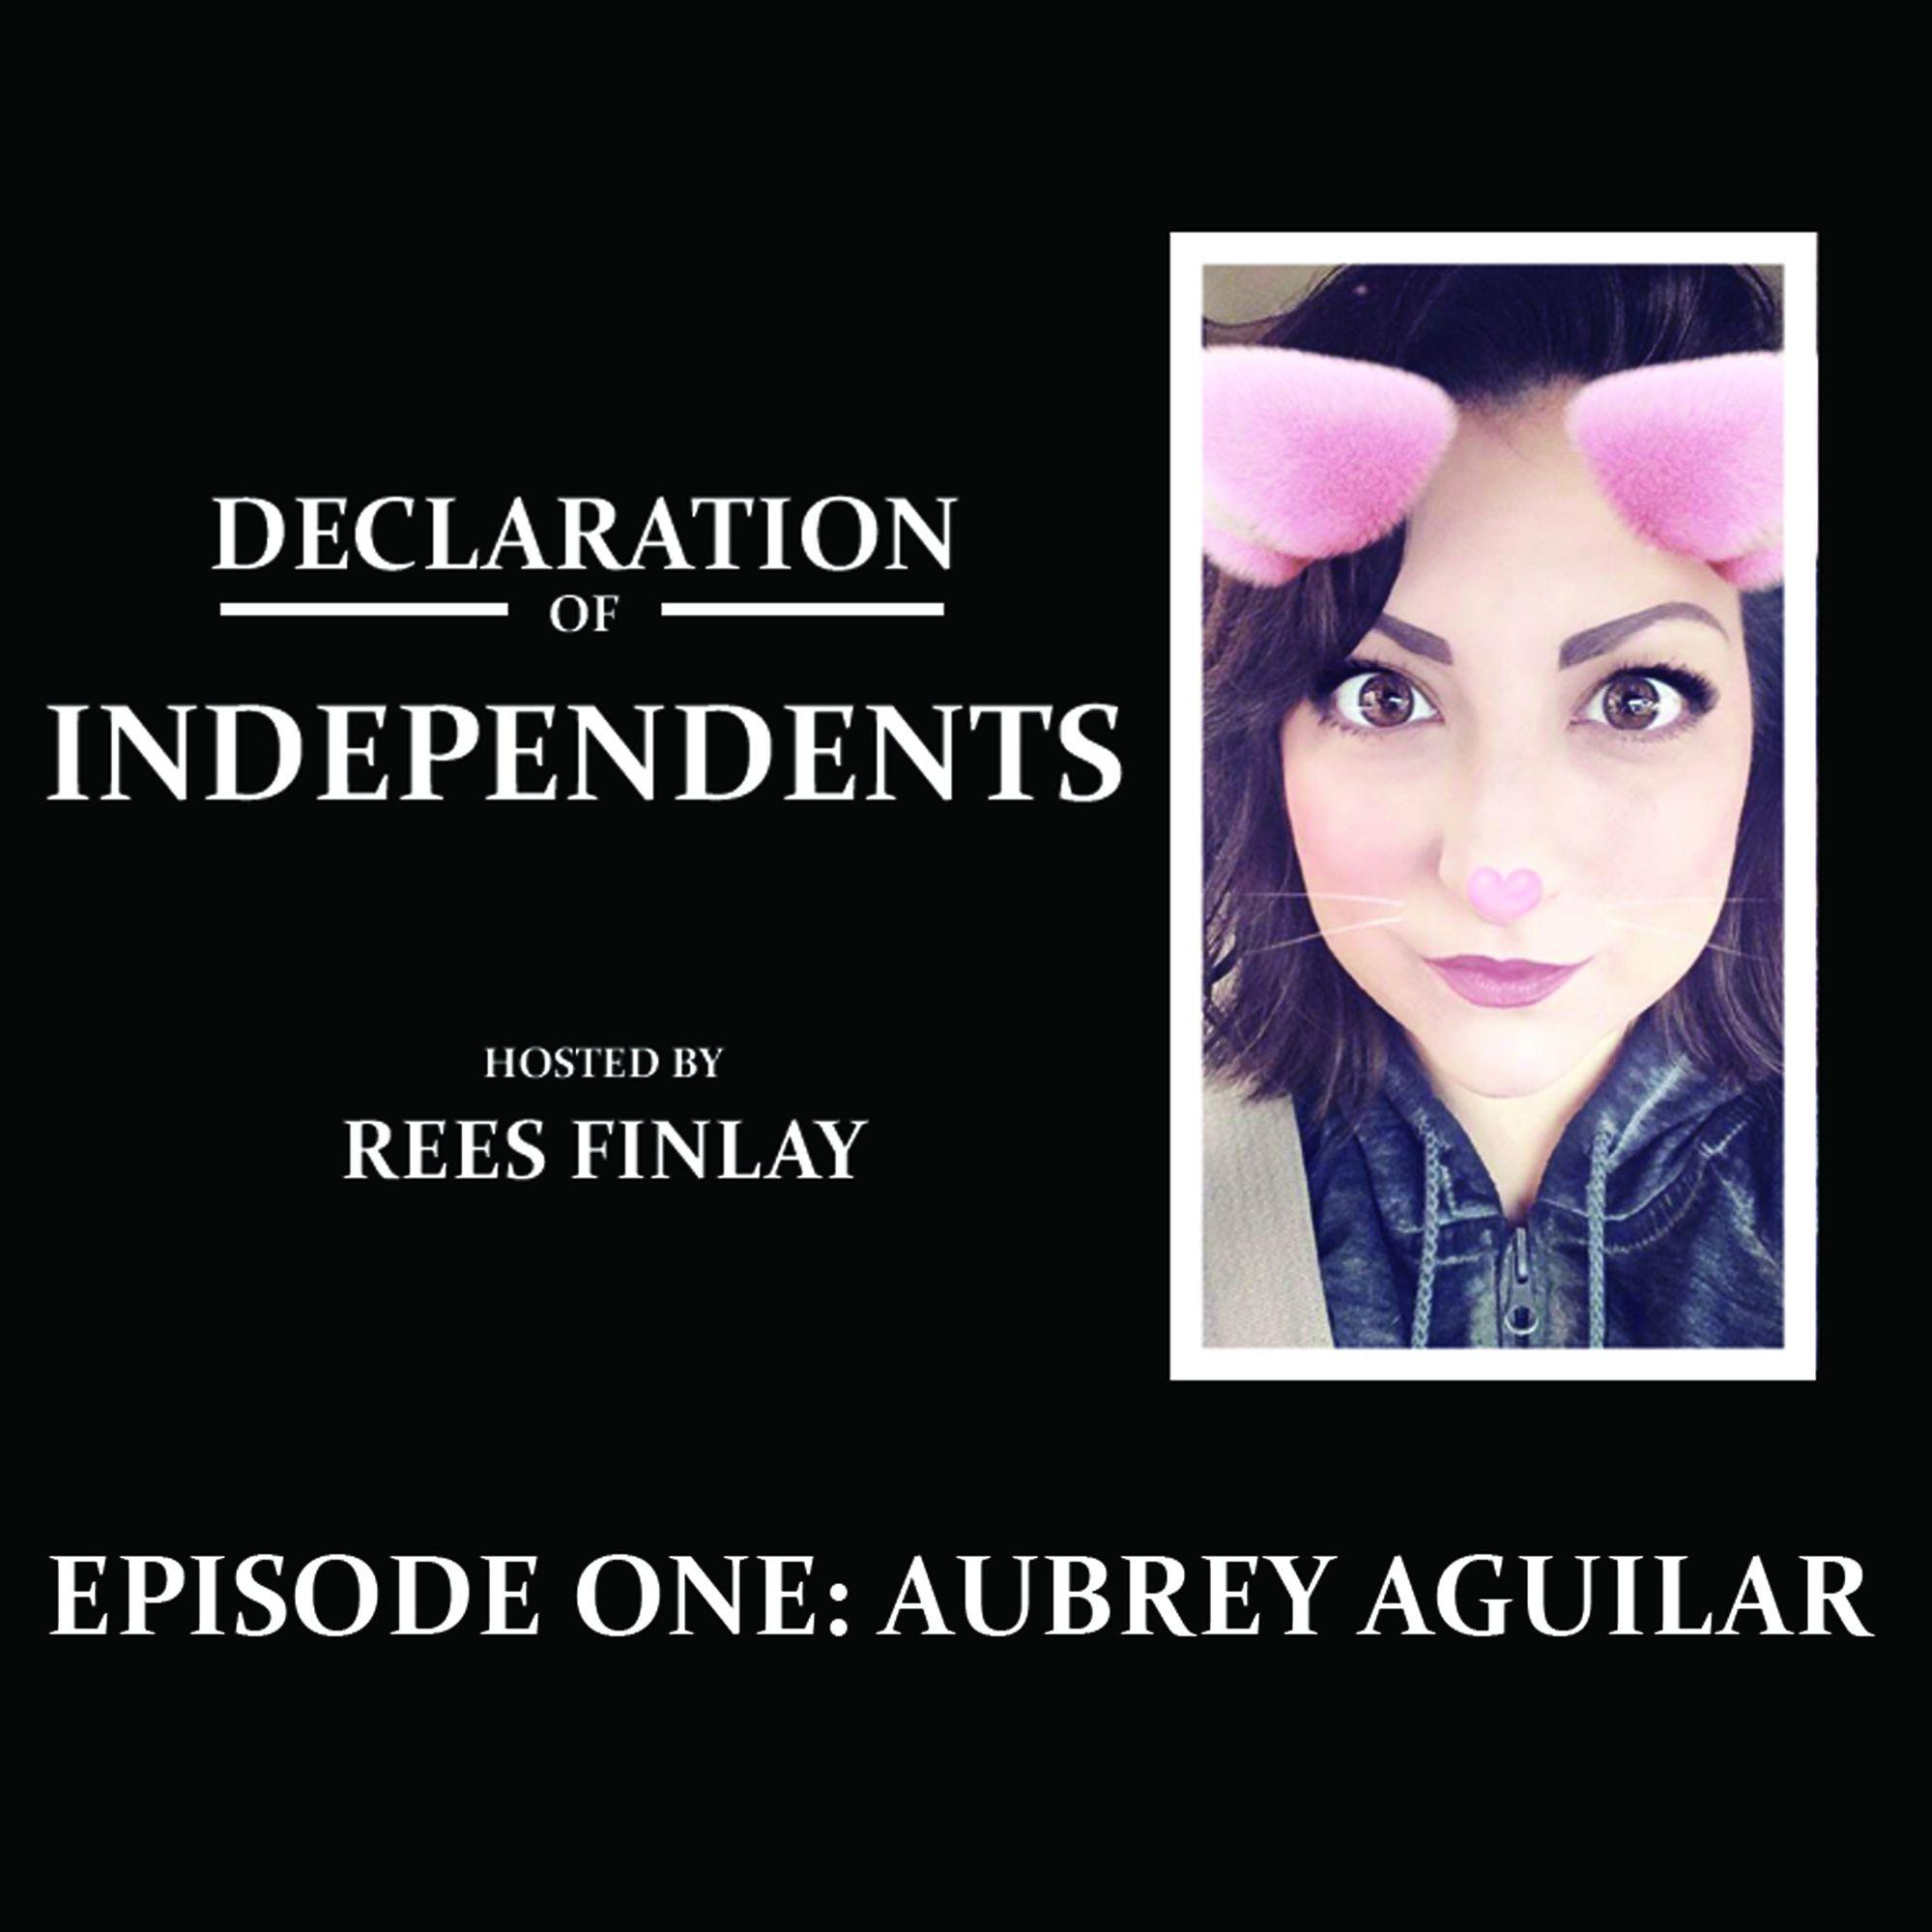 Episode One: Aubrey Aguilar